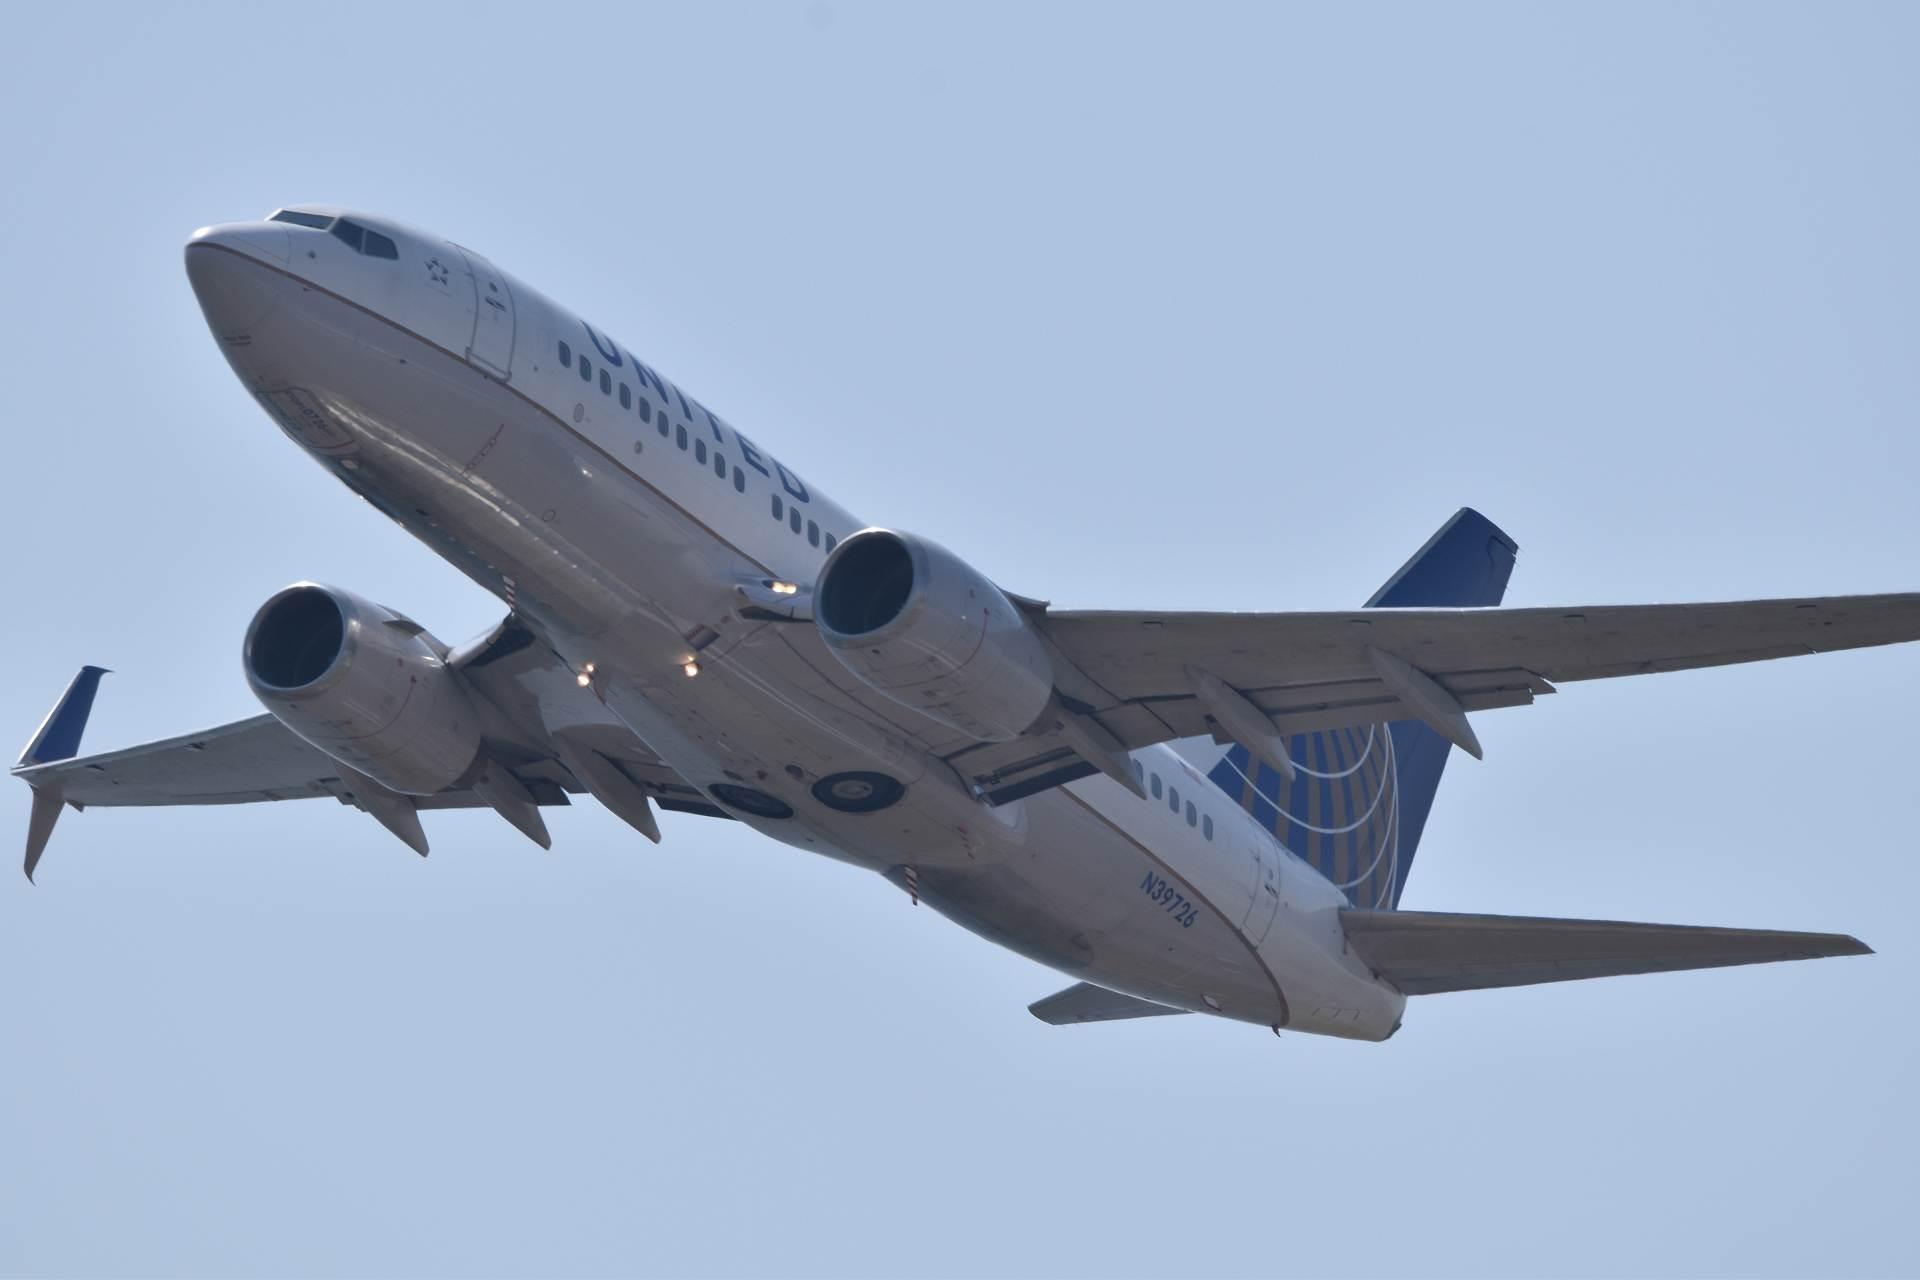 ユナイテッド航空 N39726